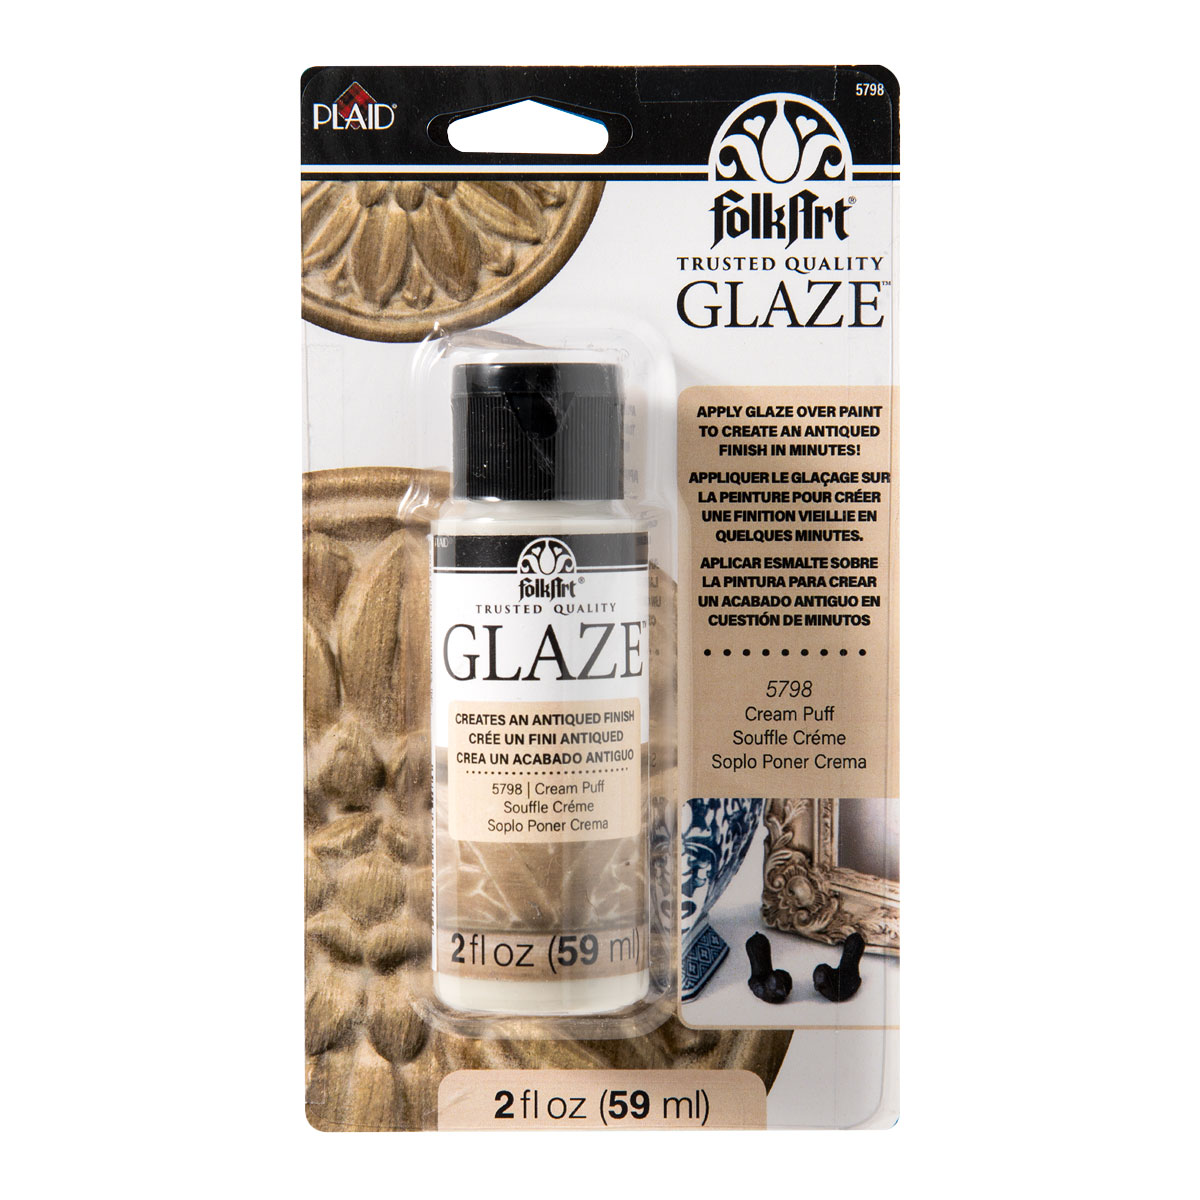 FolkArt ® Glaze™ - Cream Puff, 2 oz. Carded - 5798